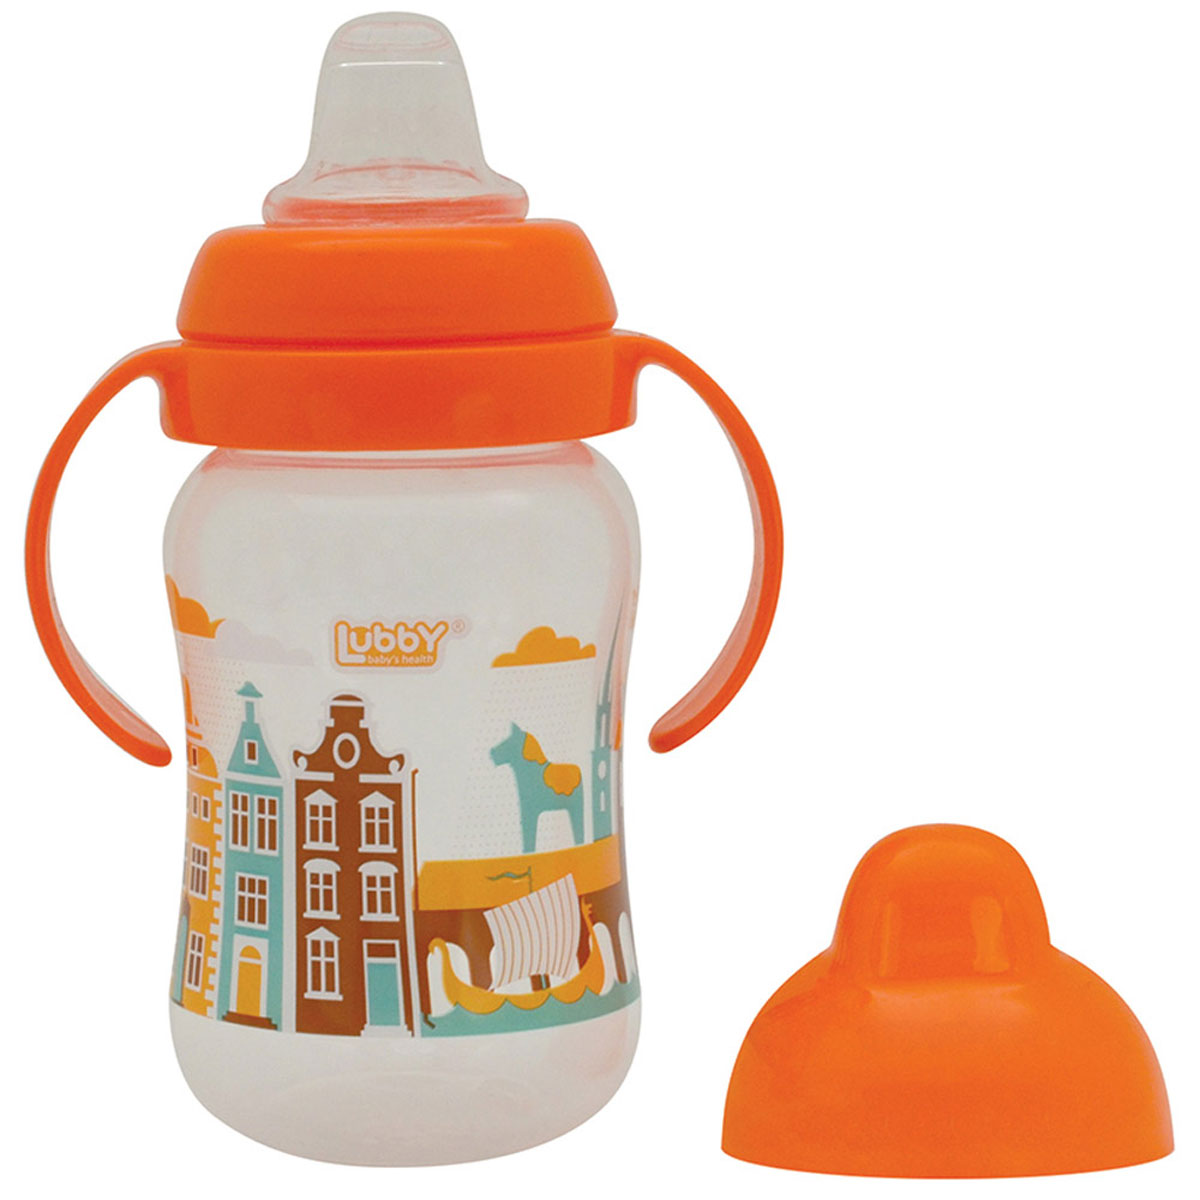 Lubby Поильник-непроливайка Любимый от 6 месяцев цвет оранжевый 250 мл поильники lubby непроливайка со сменным носиком малыши и малышки 150 мл